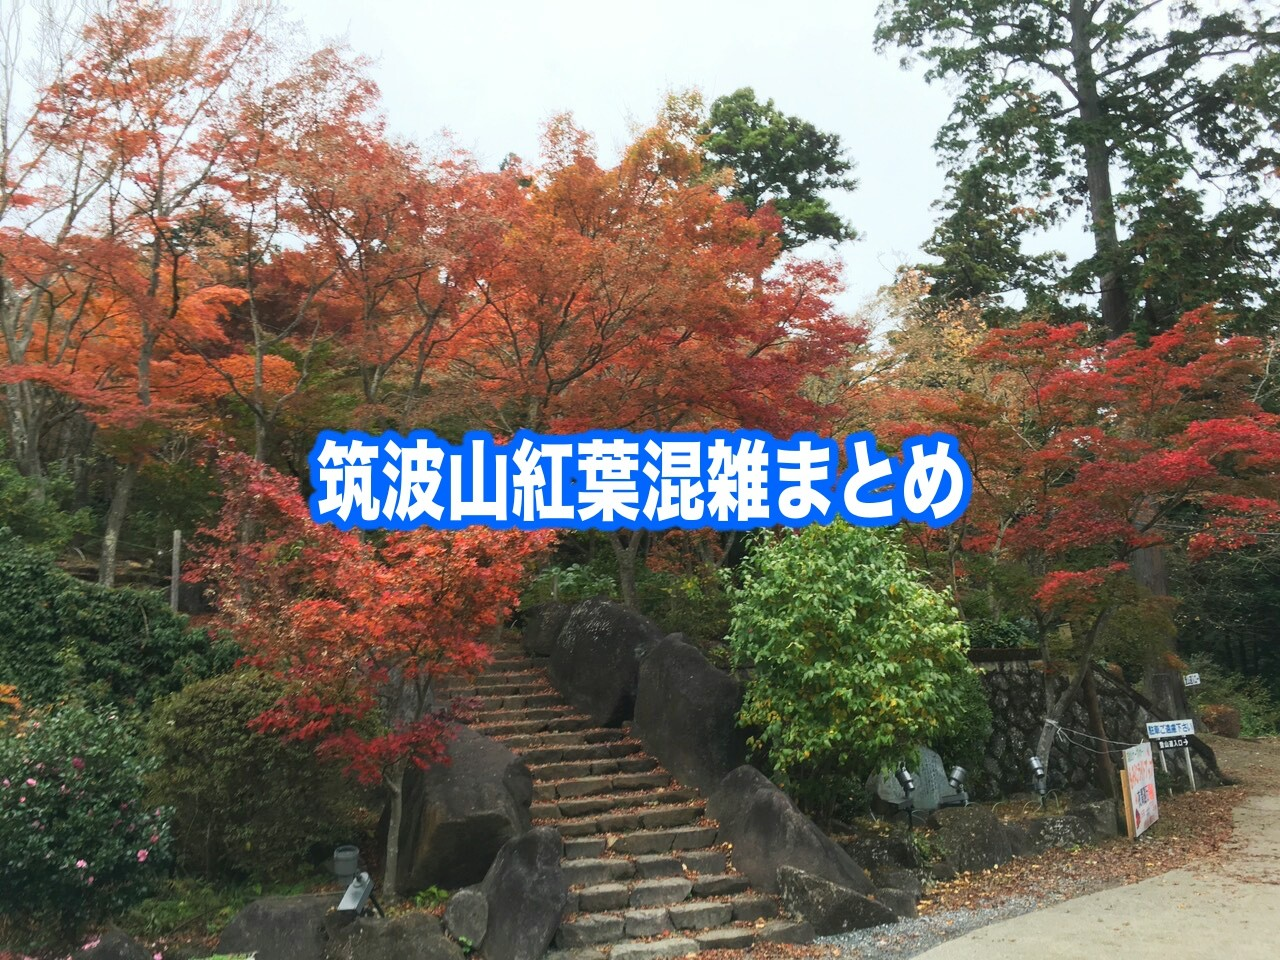 筑波山 紅葉 混雑